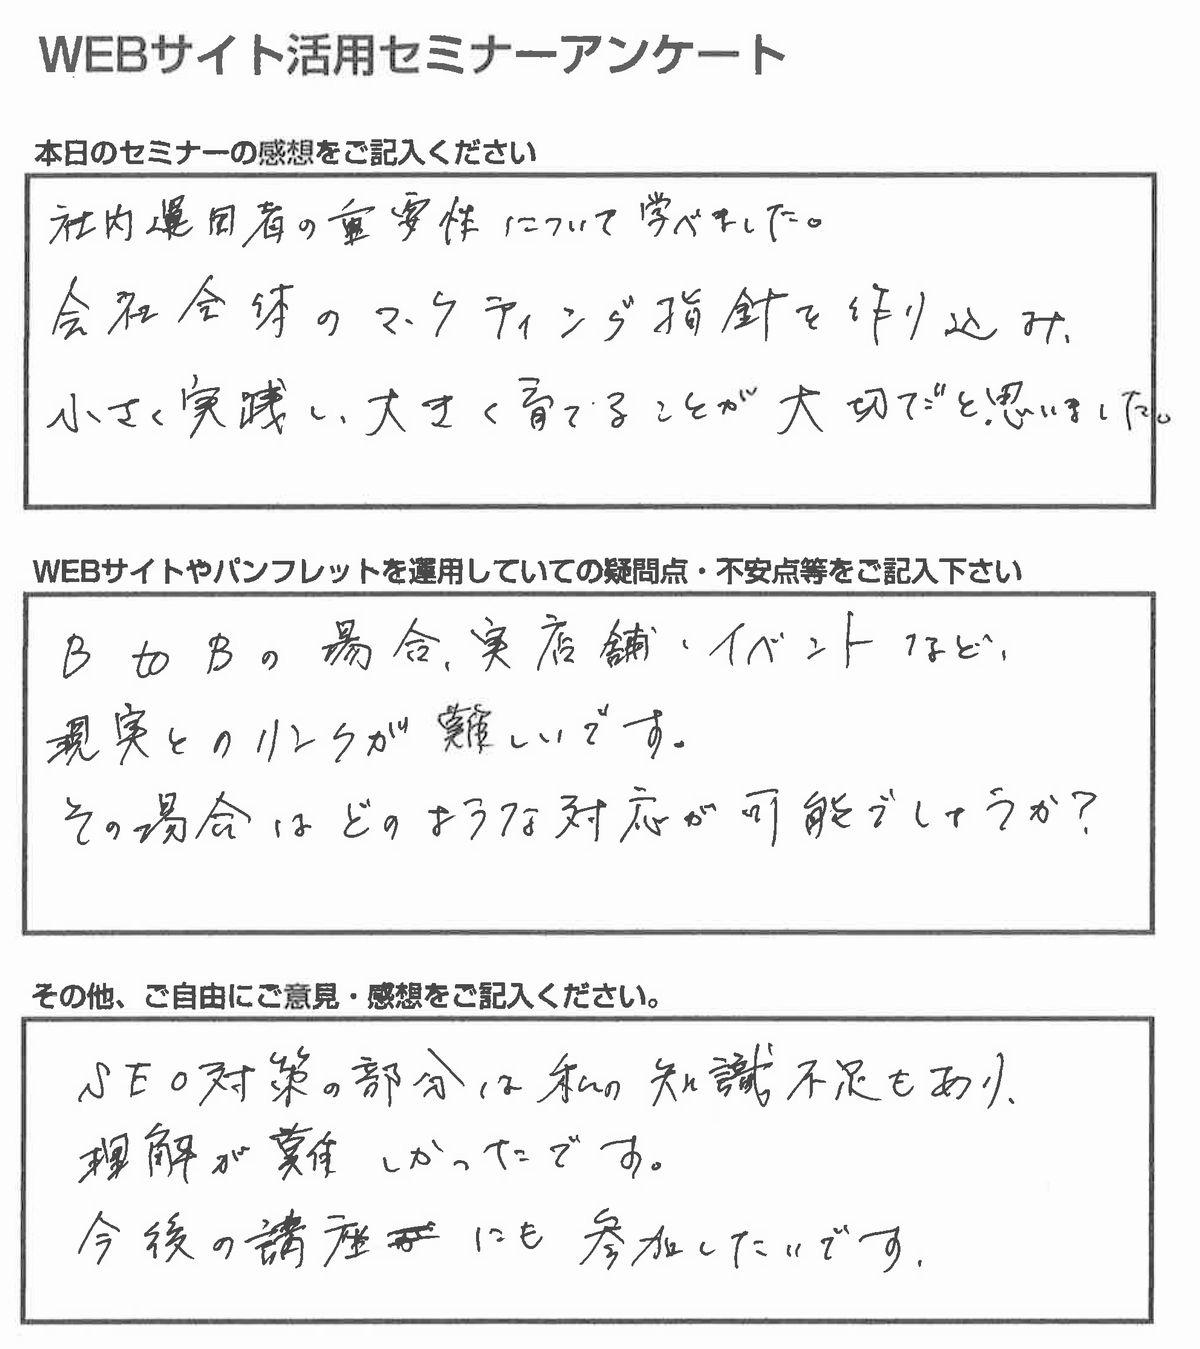 つくばでのWEB活用セミナーアンケート3